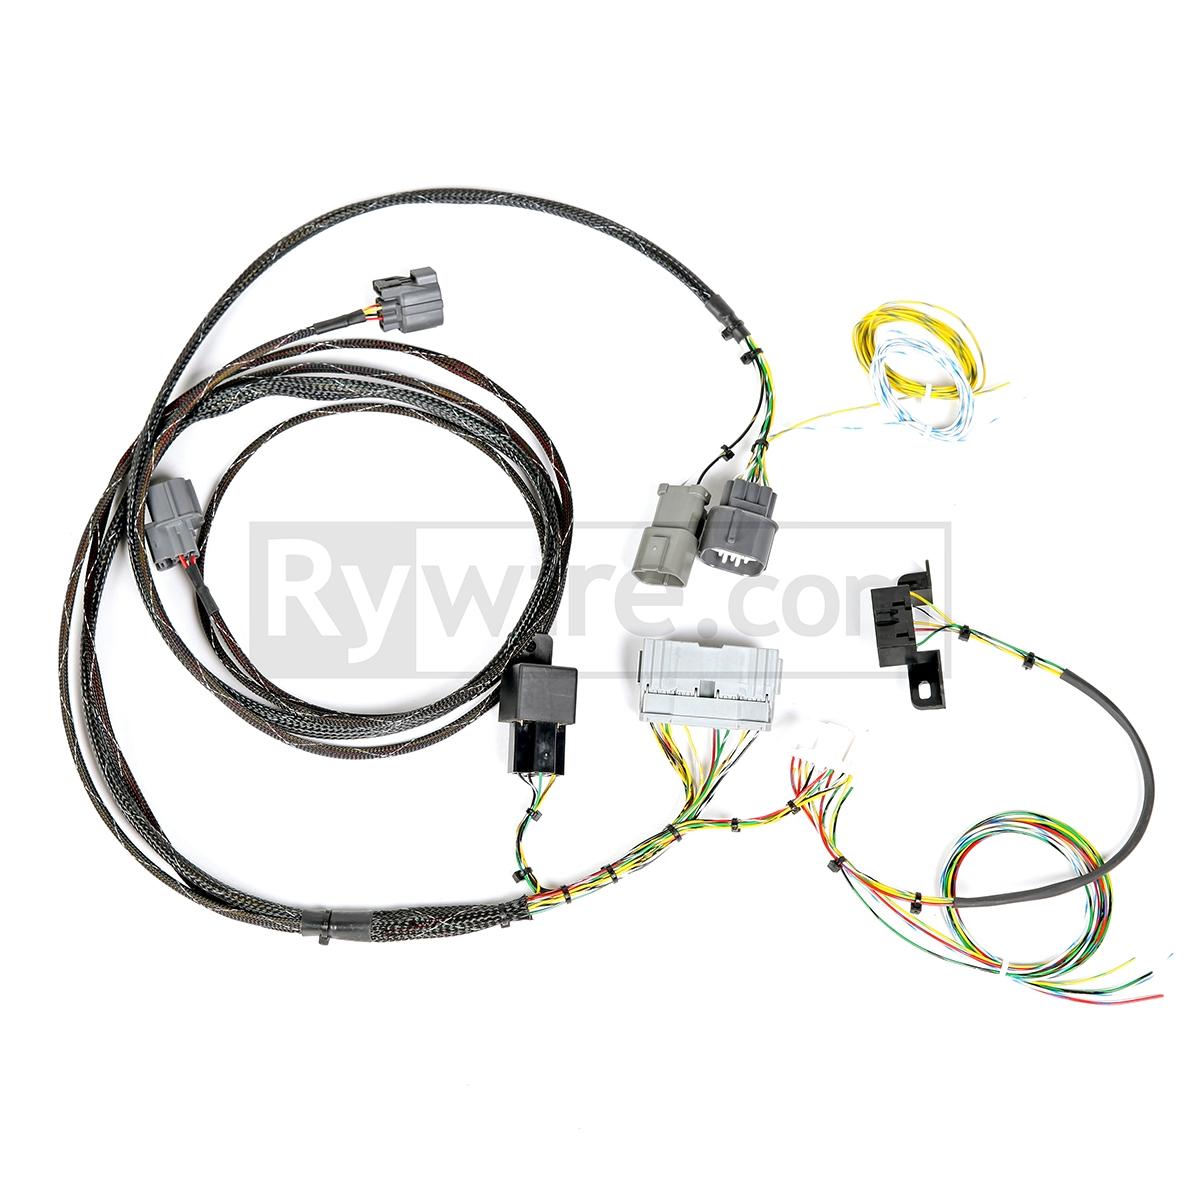 medium resolution of k series adapter